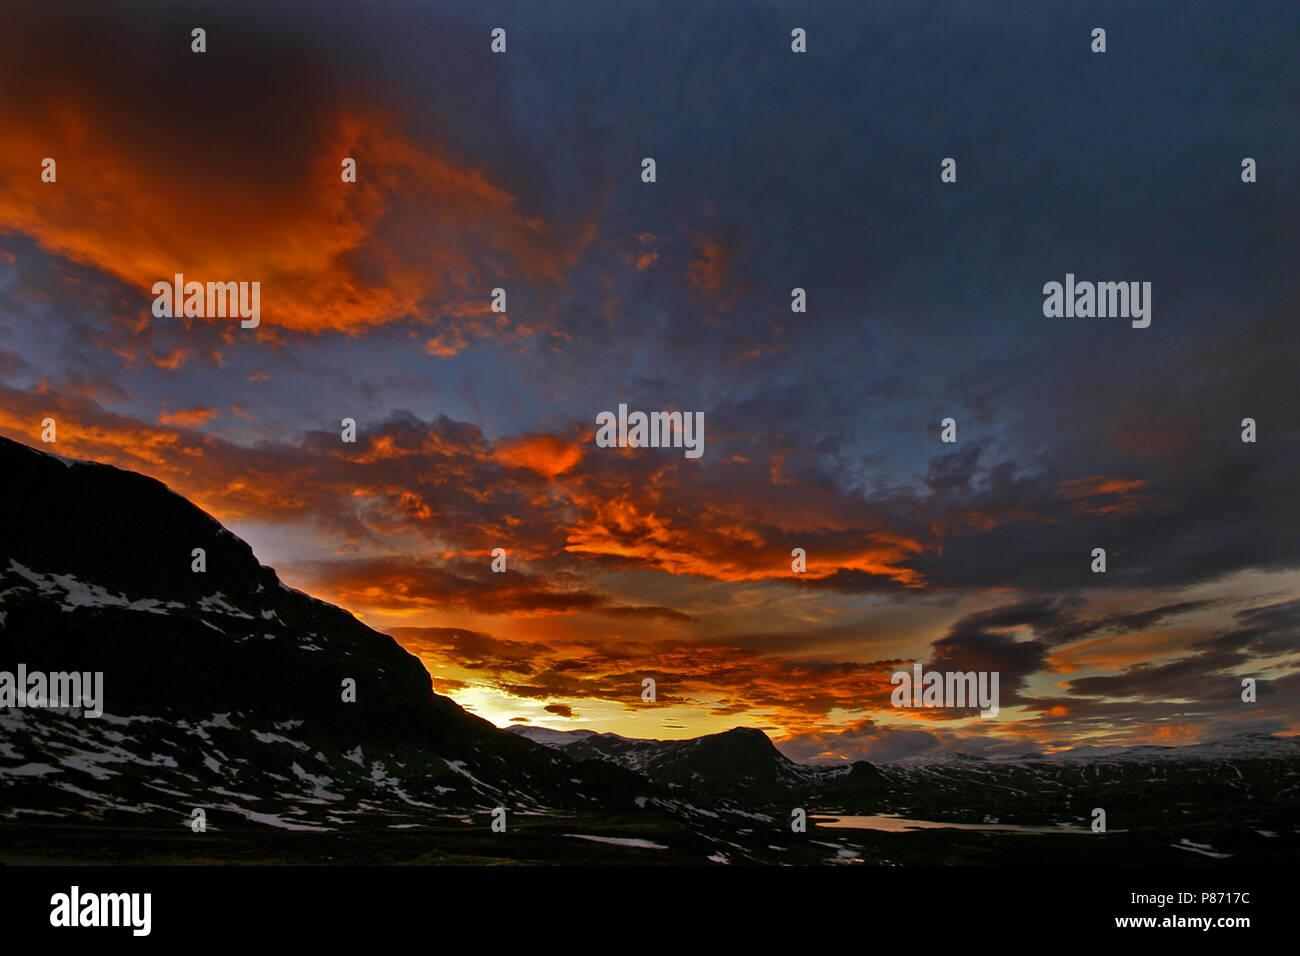 Valdresflya tijdens zonsondergang; Valdresflya at sunset - Stock Image